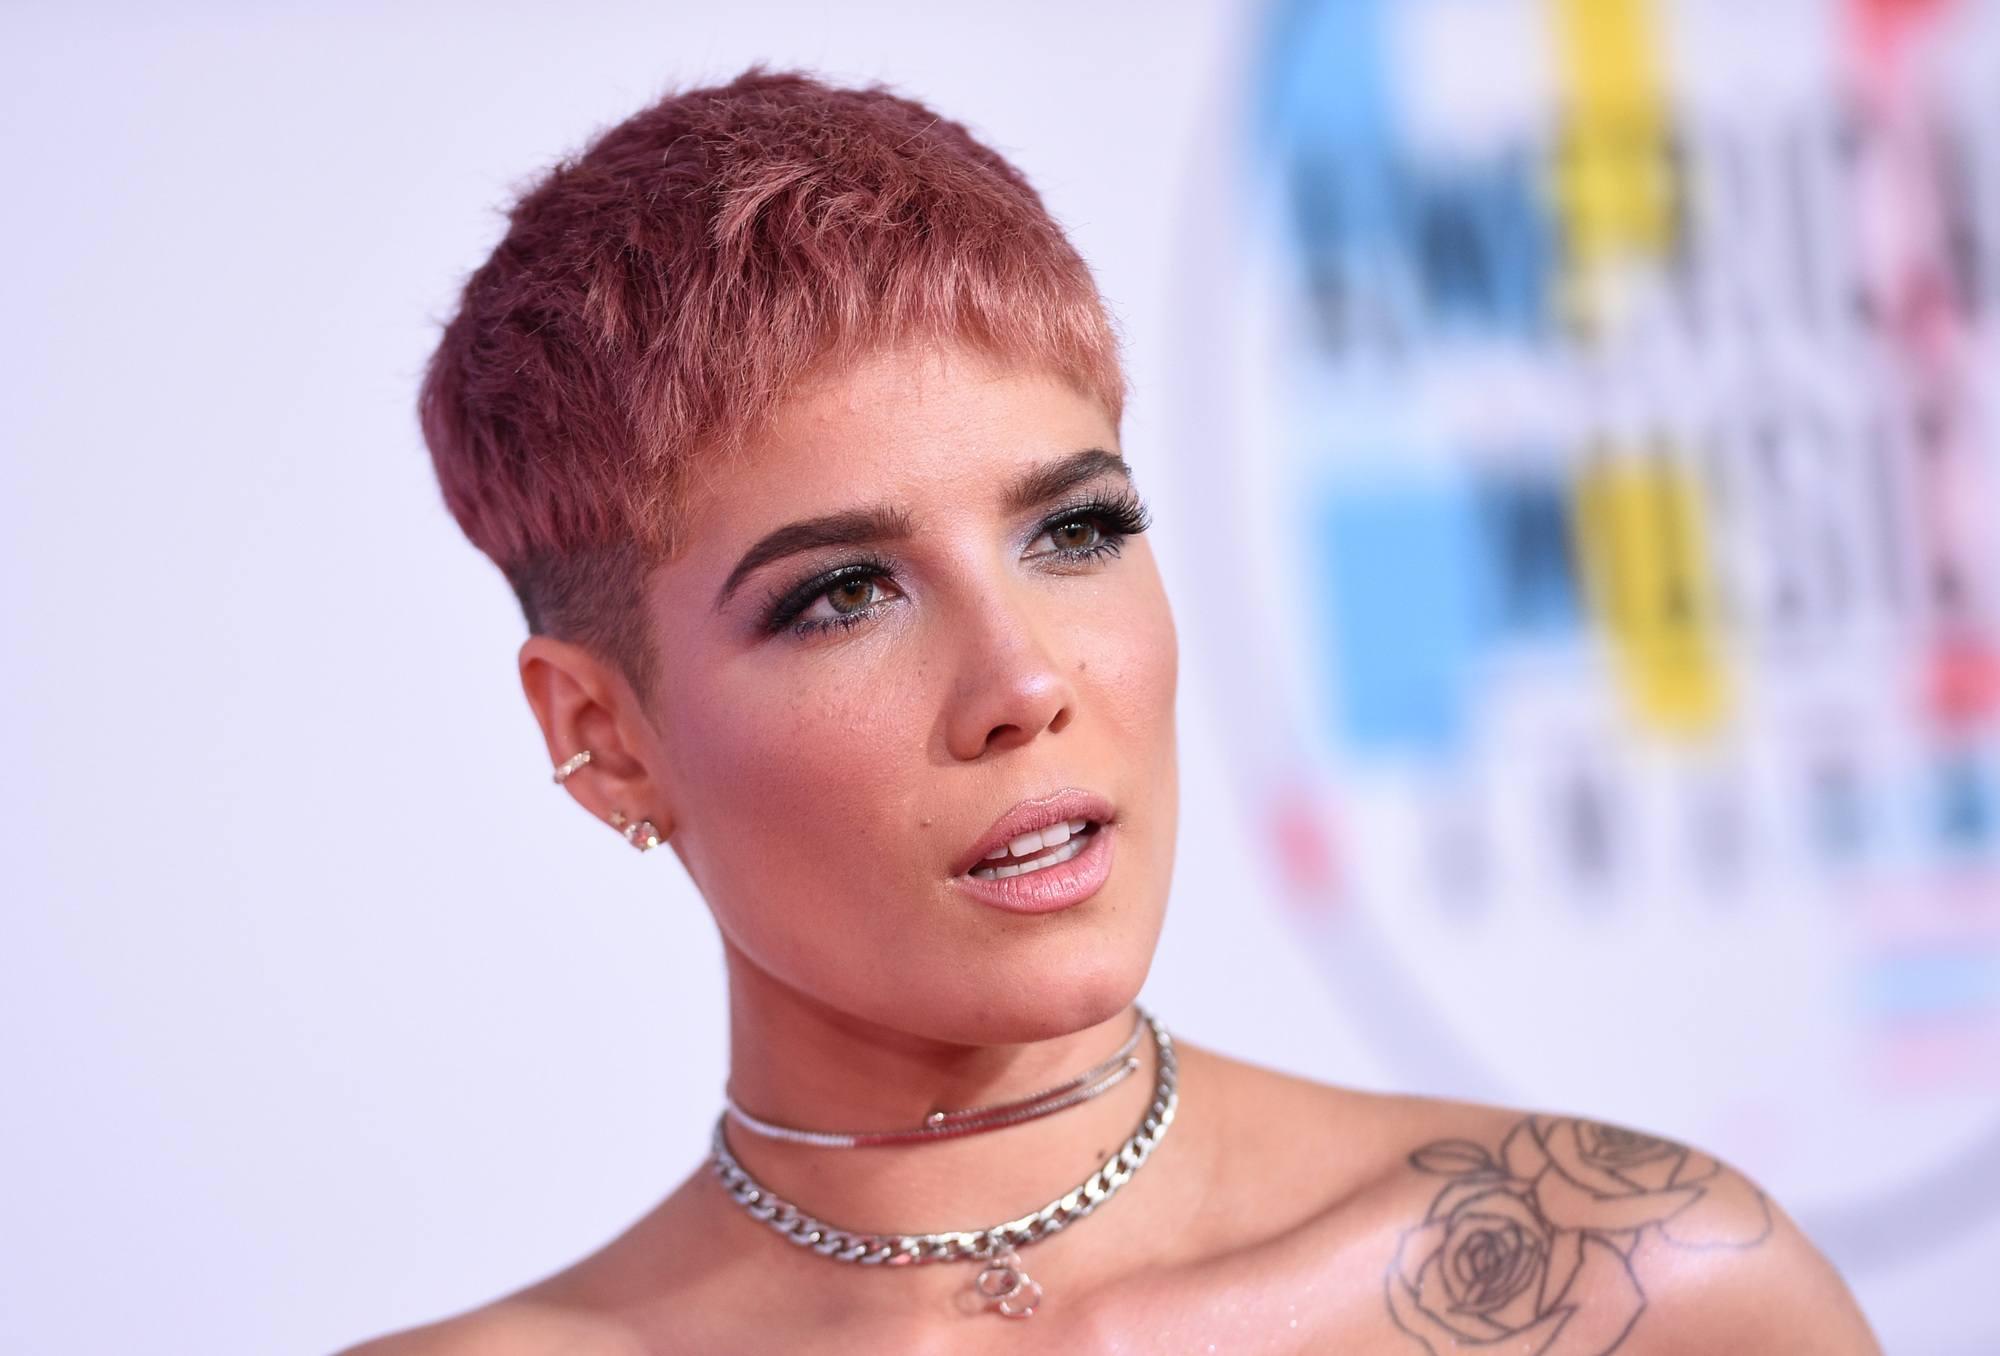 Halsey avec une coupe de cheveux rose et courte avec une sous-coupe